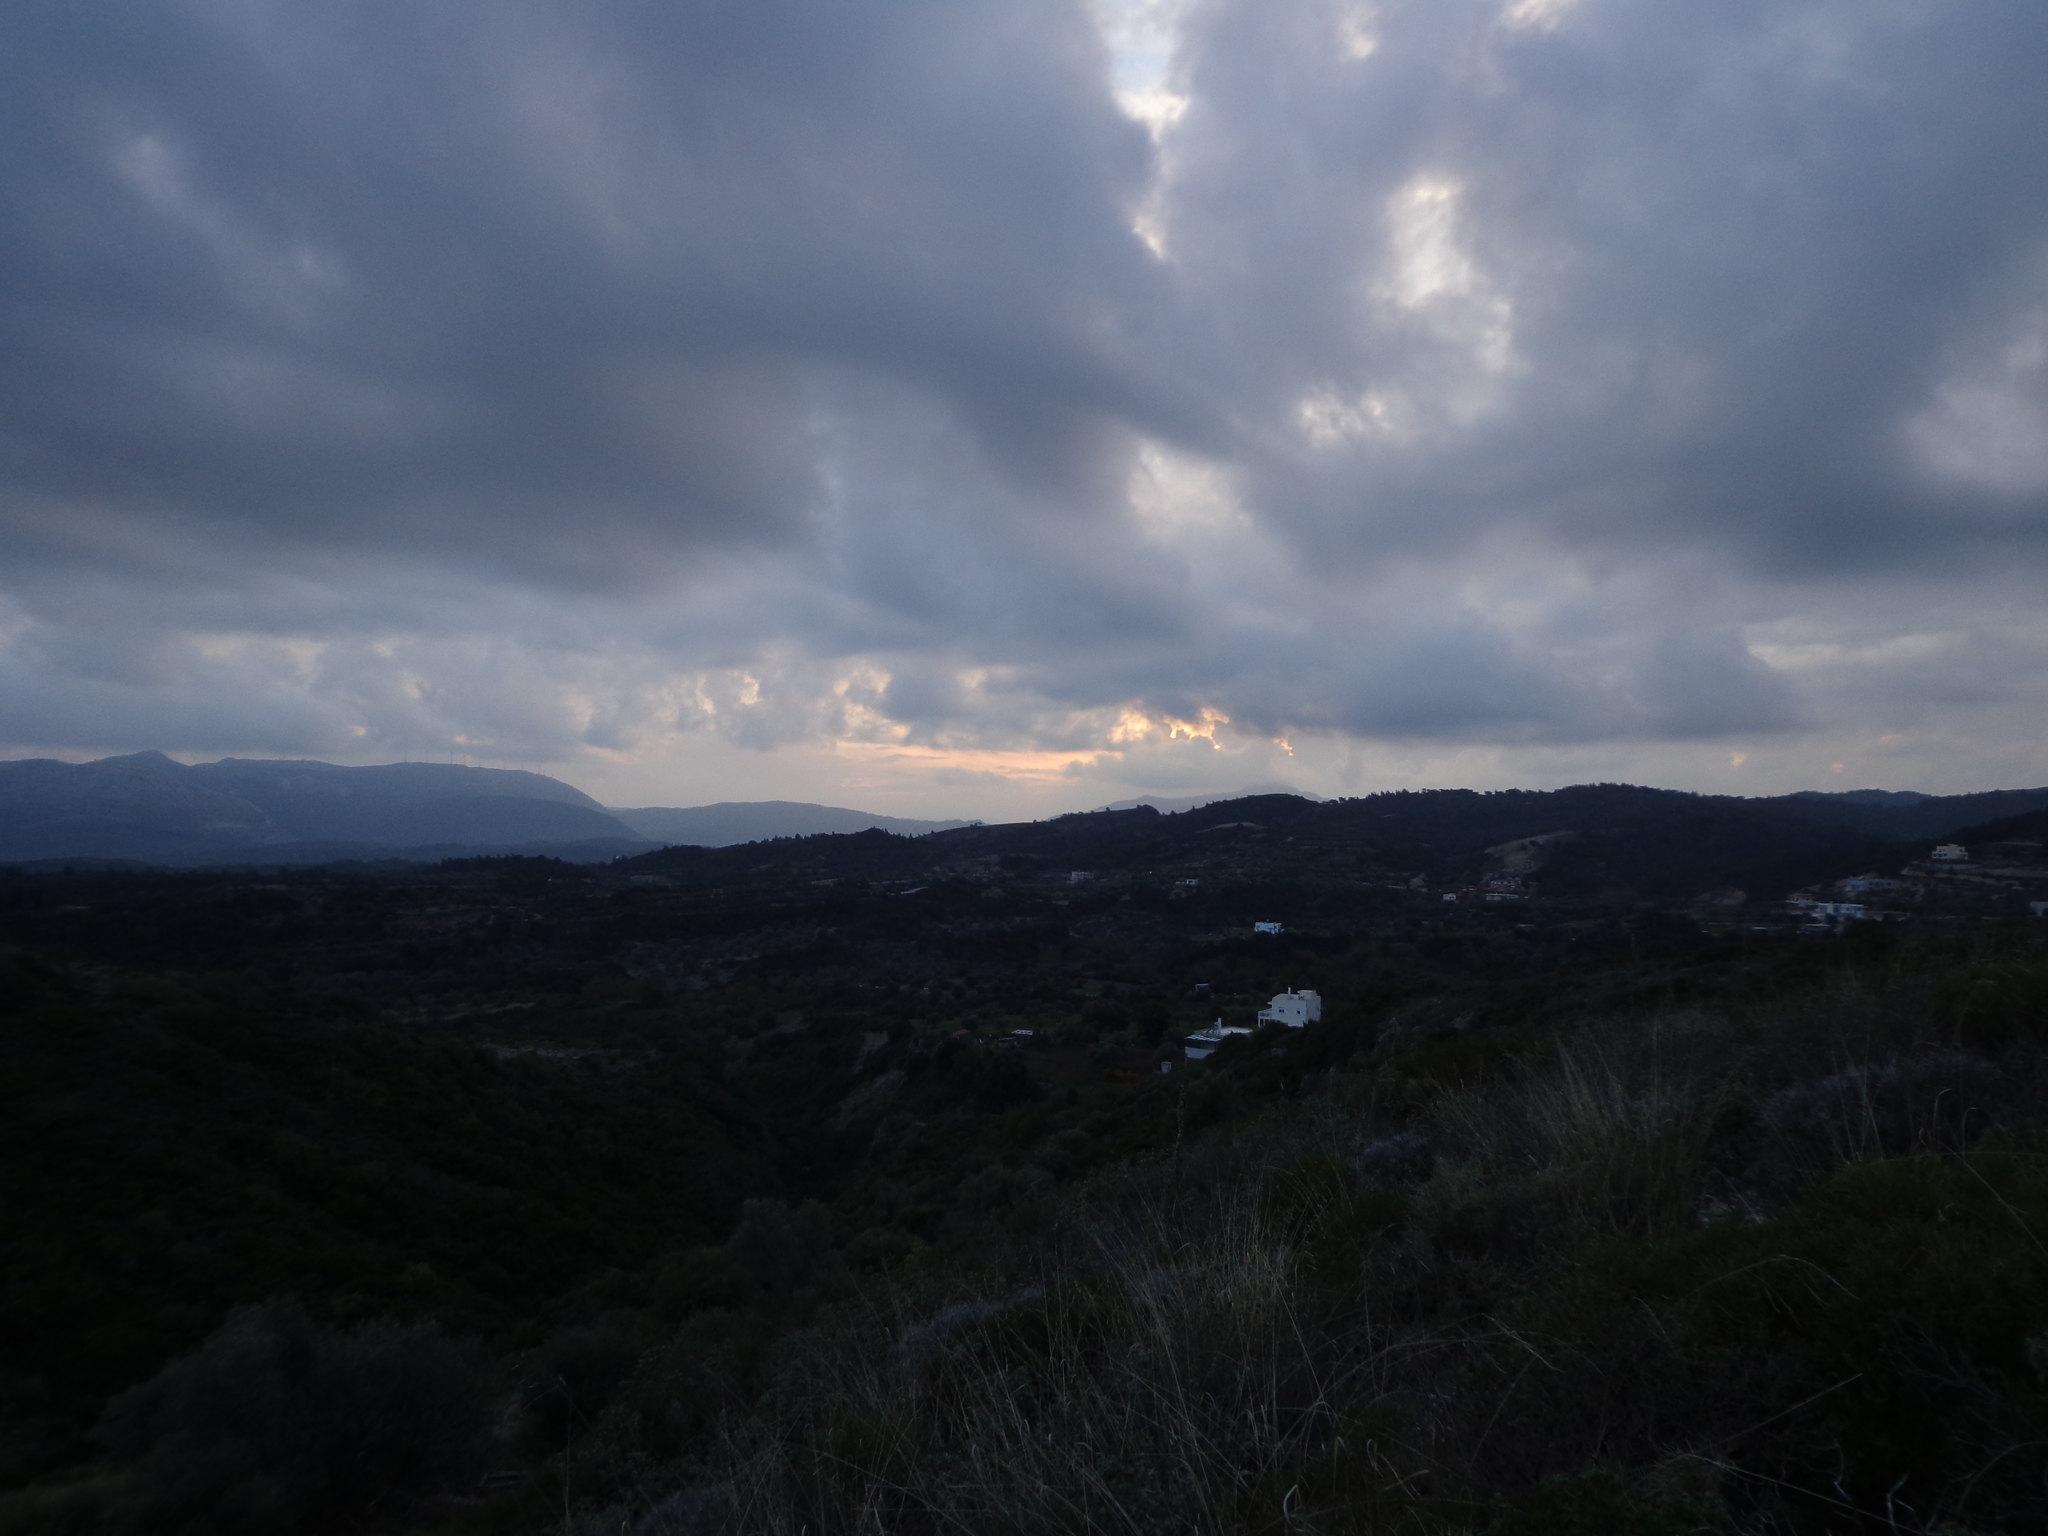 Καταιγίδα, συννεφιά, Ψίνθος